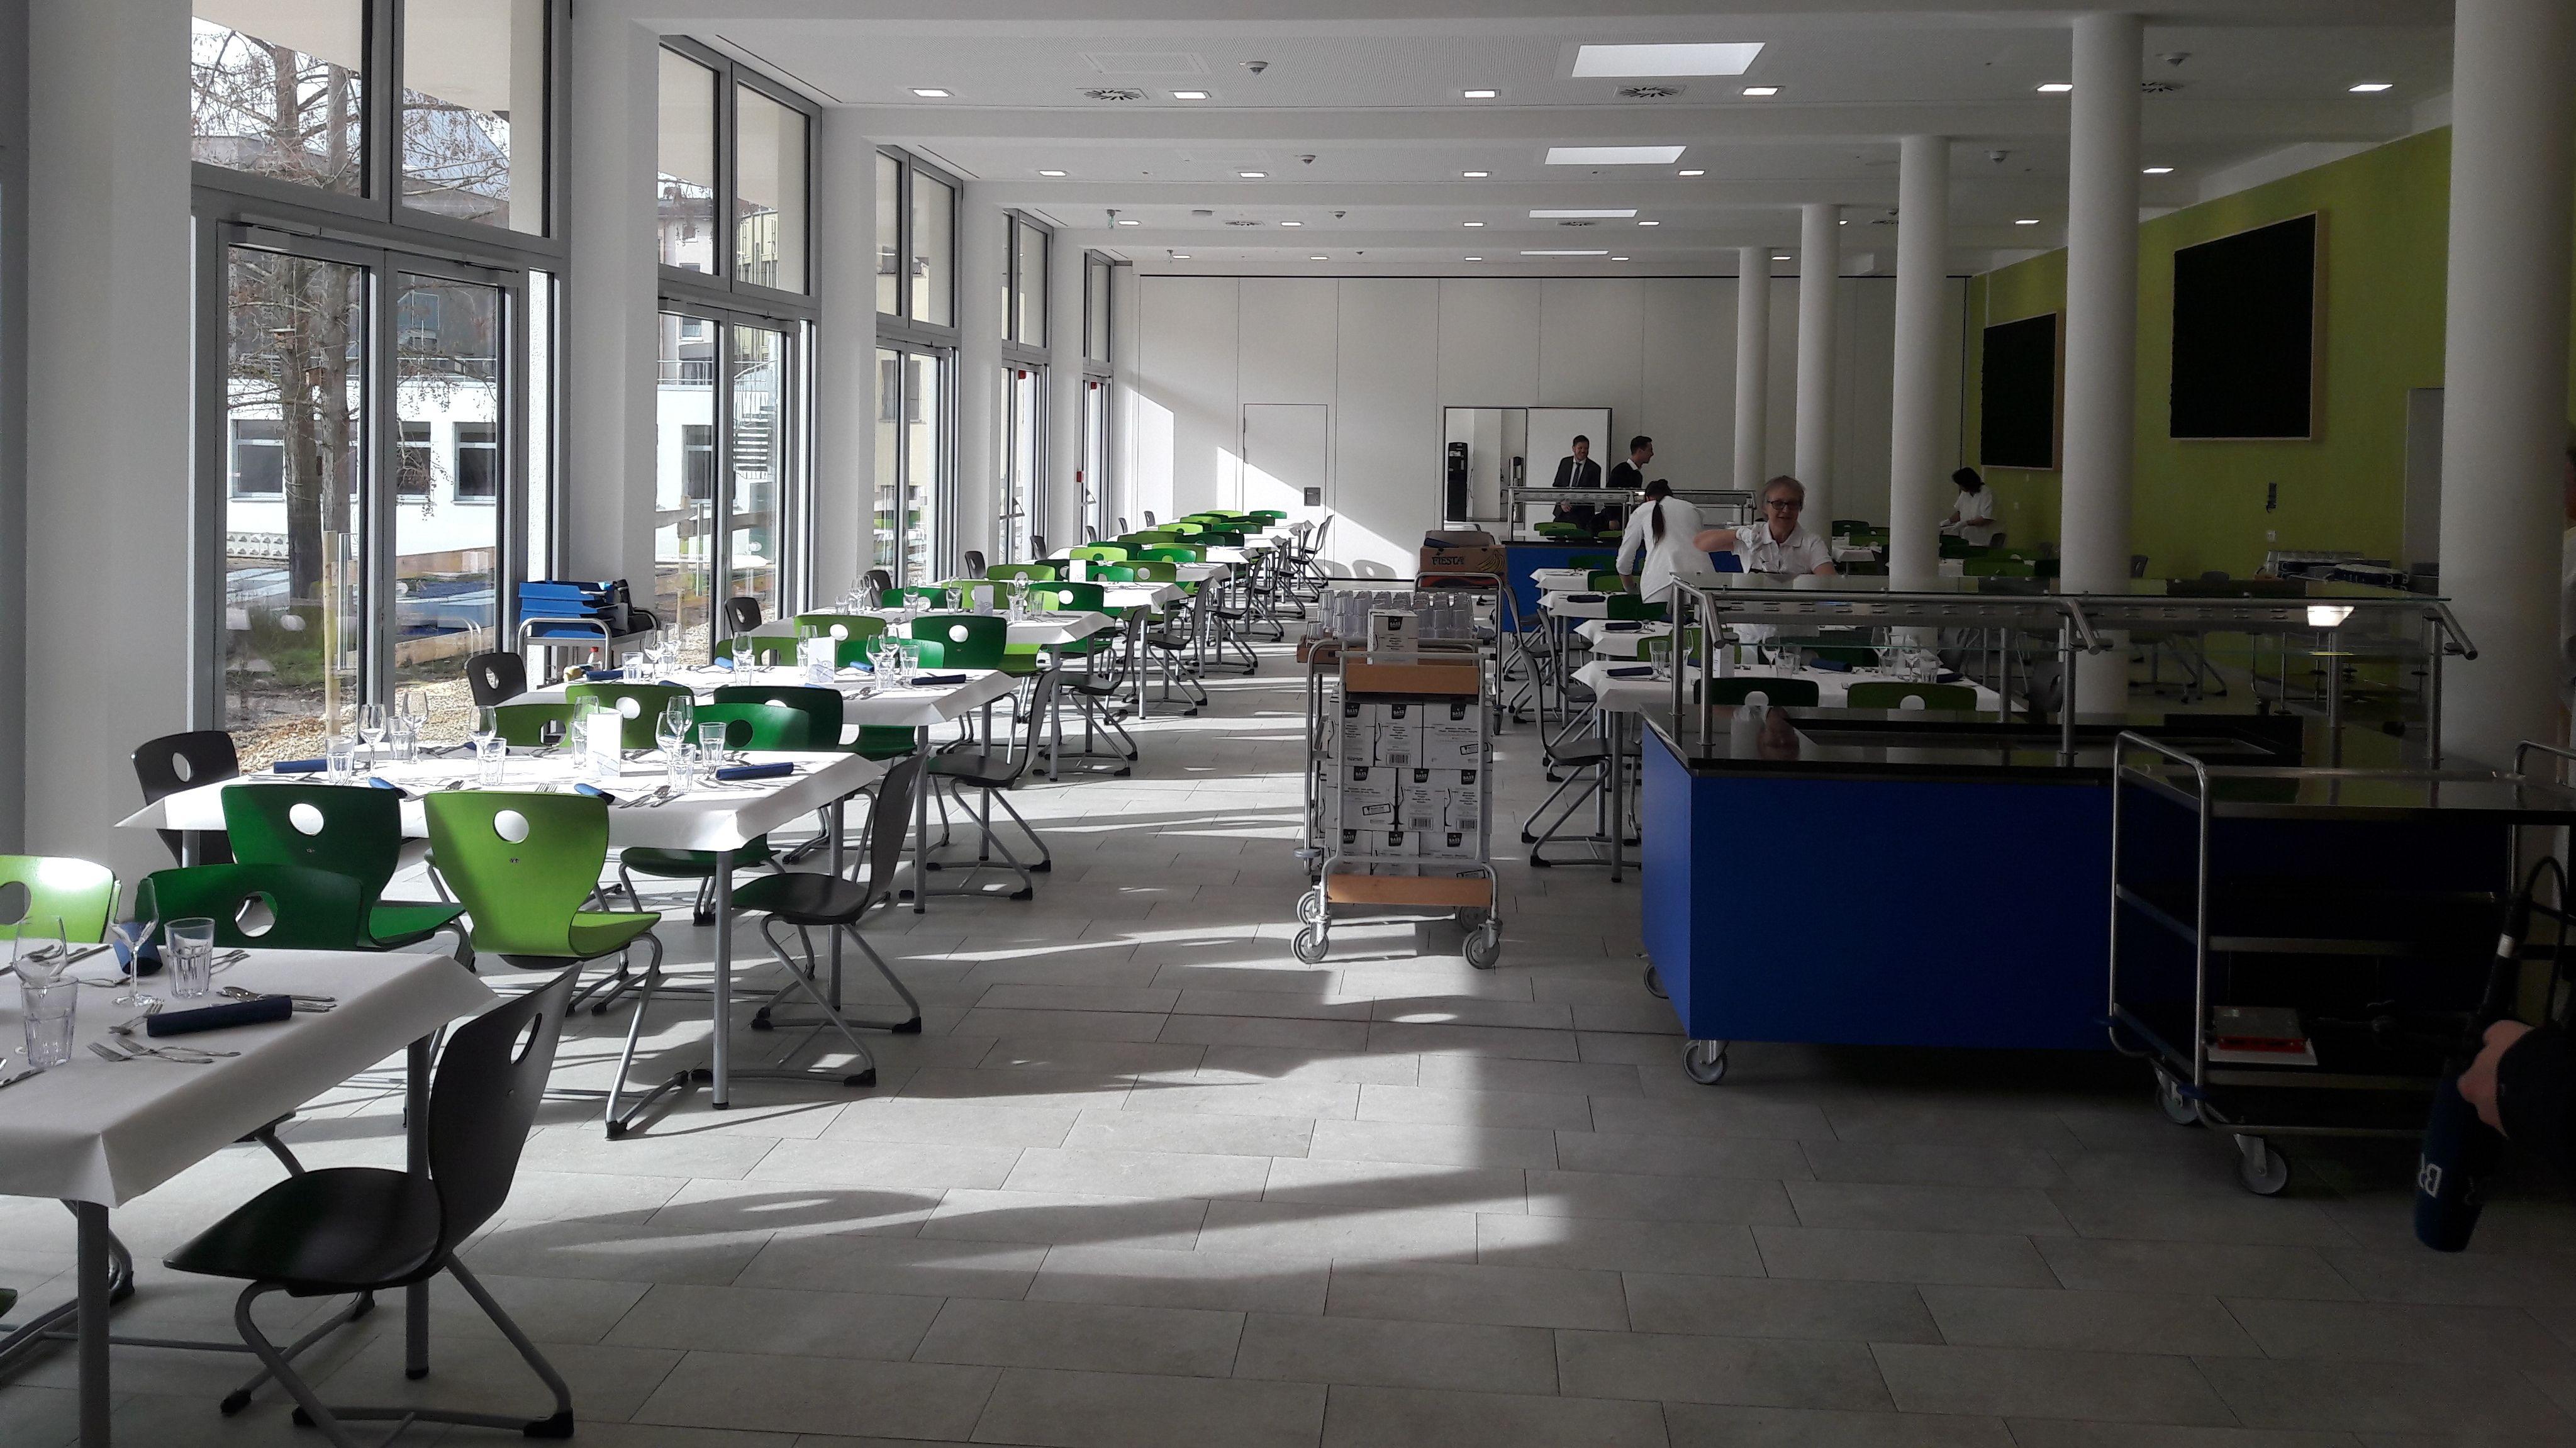 Der neue Speisesaal der Regensburger Domspatzen